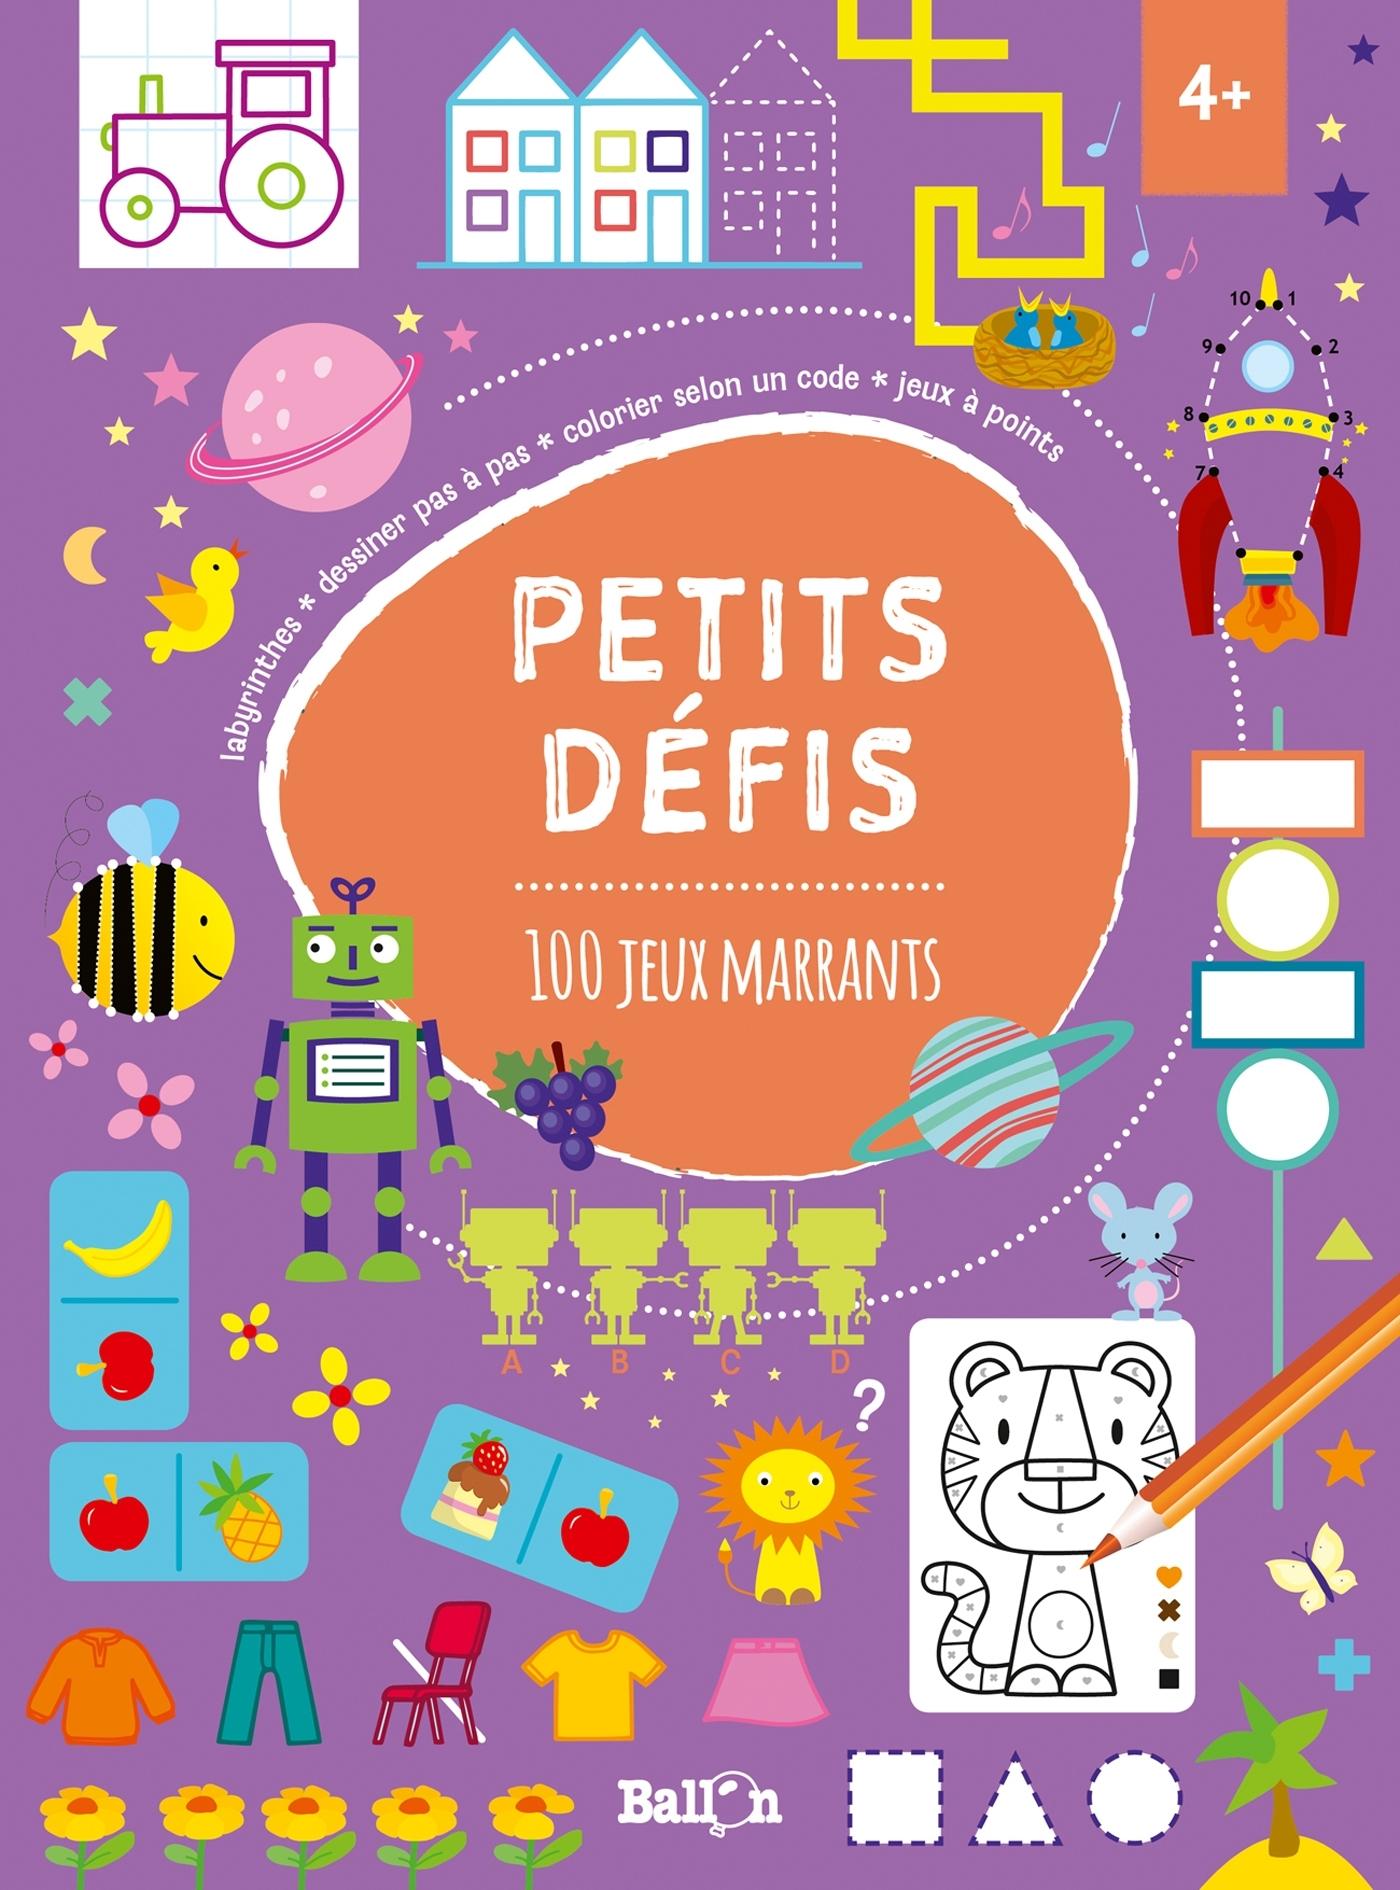 PETITS DEFIS: 100 JEUX MARRANTS